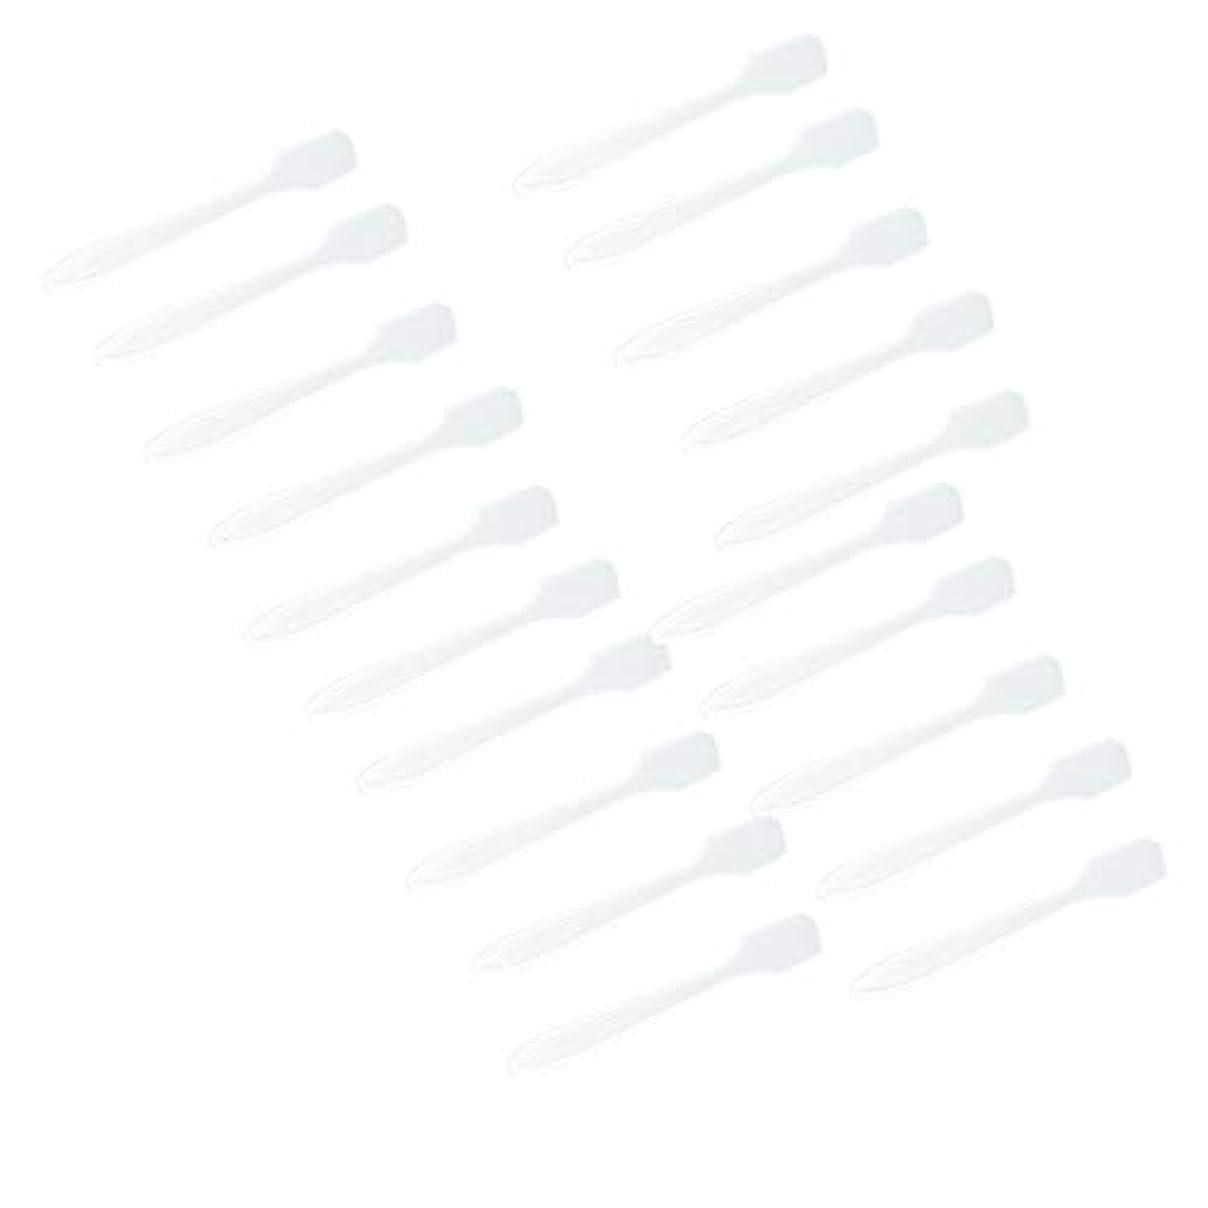 ロケット場合アクセス5カラー選ぶ 化粧品へら スプーン フェイシャル クリーム マスクスプーン 美容パックツール 全100点 - クリア